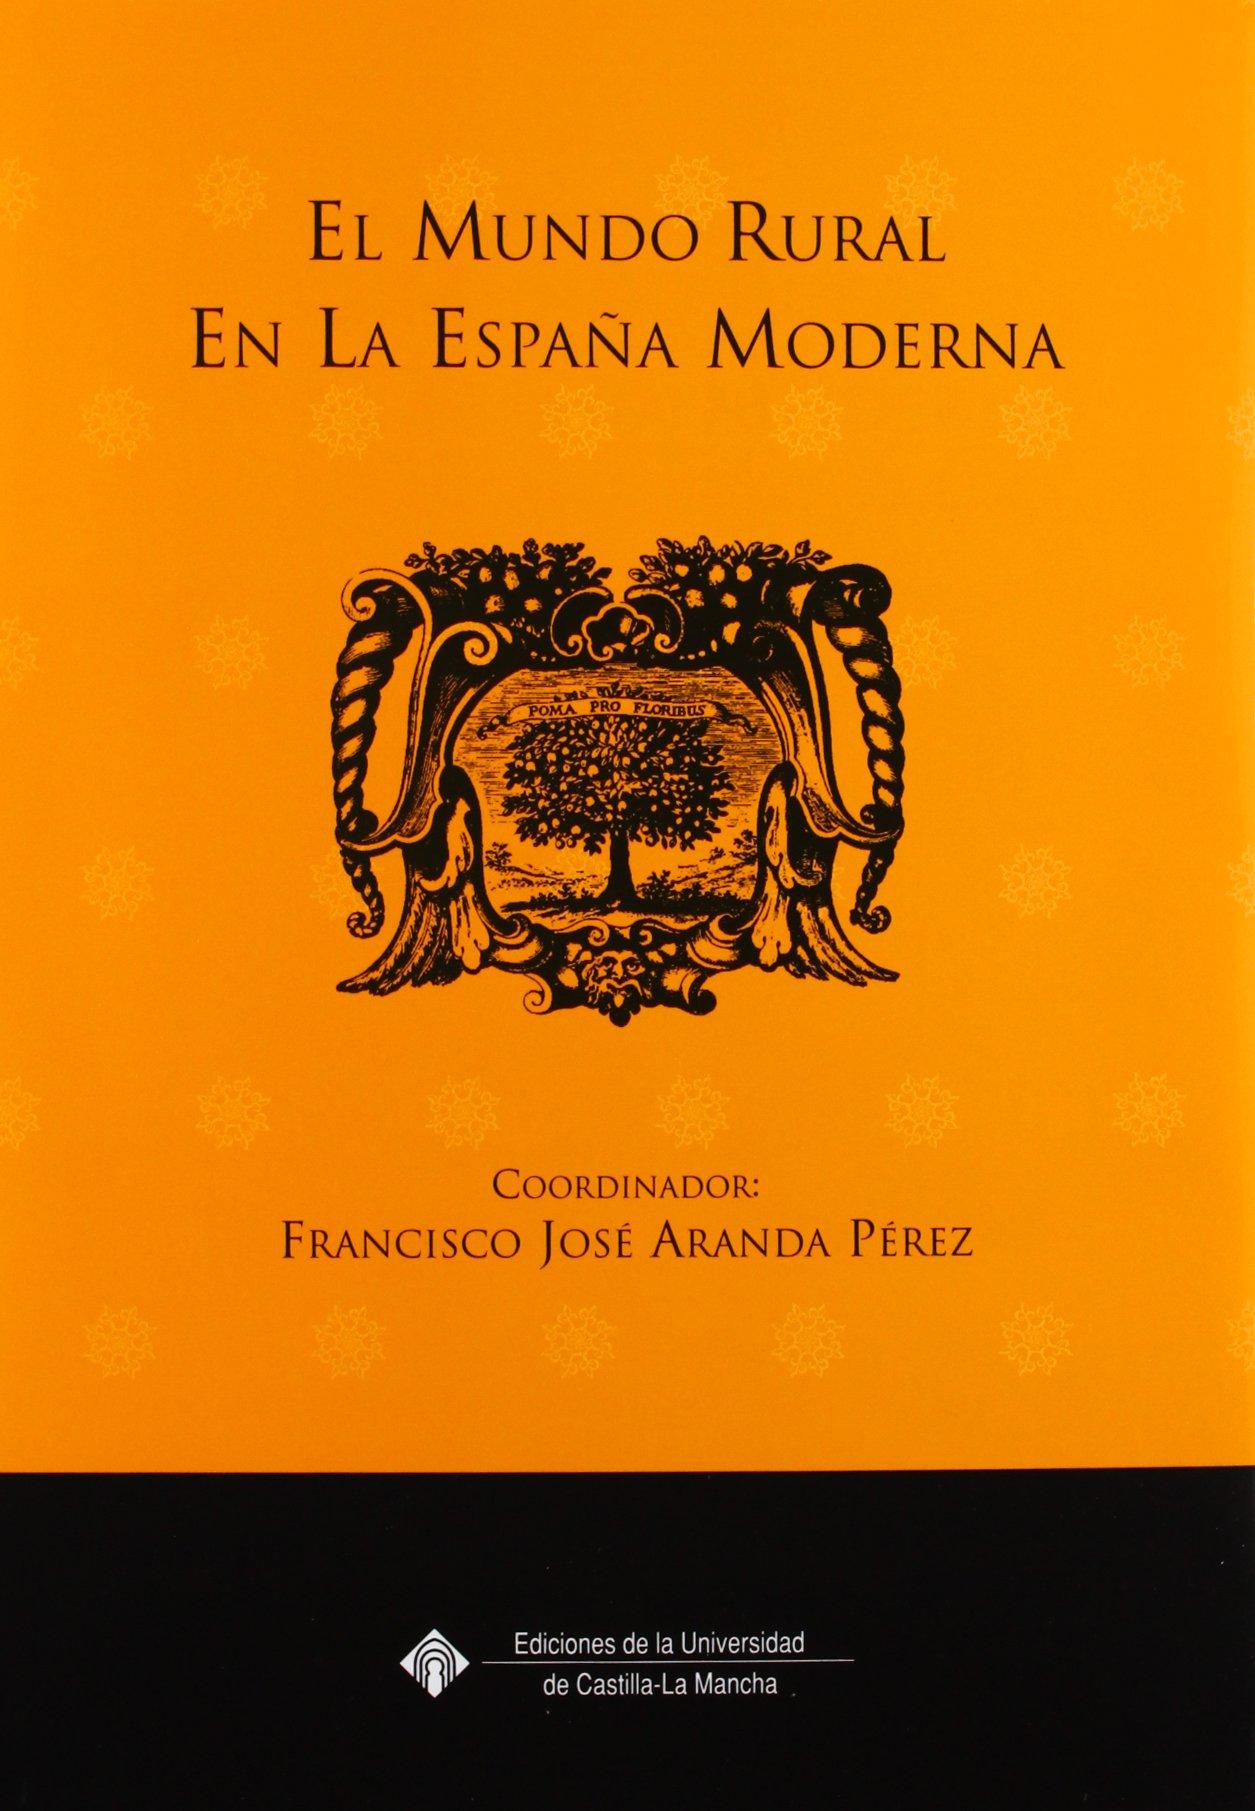 El mundo rural en la España moderna: 39 EDICIONES INSTITUCIONALES: Amazon.es: Aranda Pérez, Francisco José: Libros